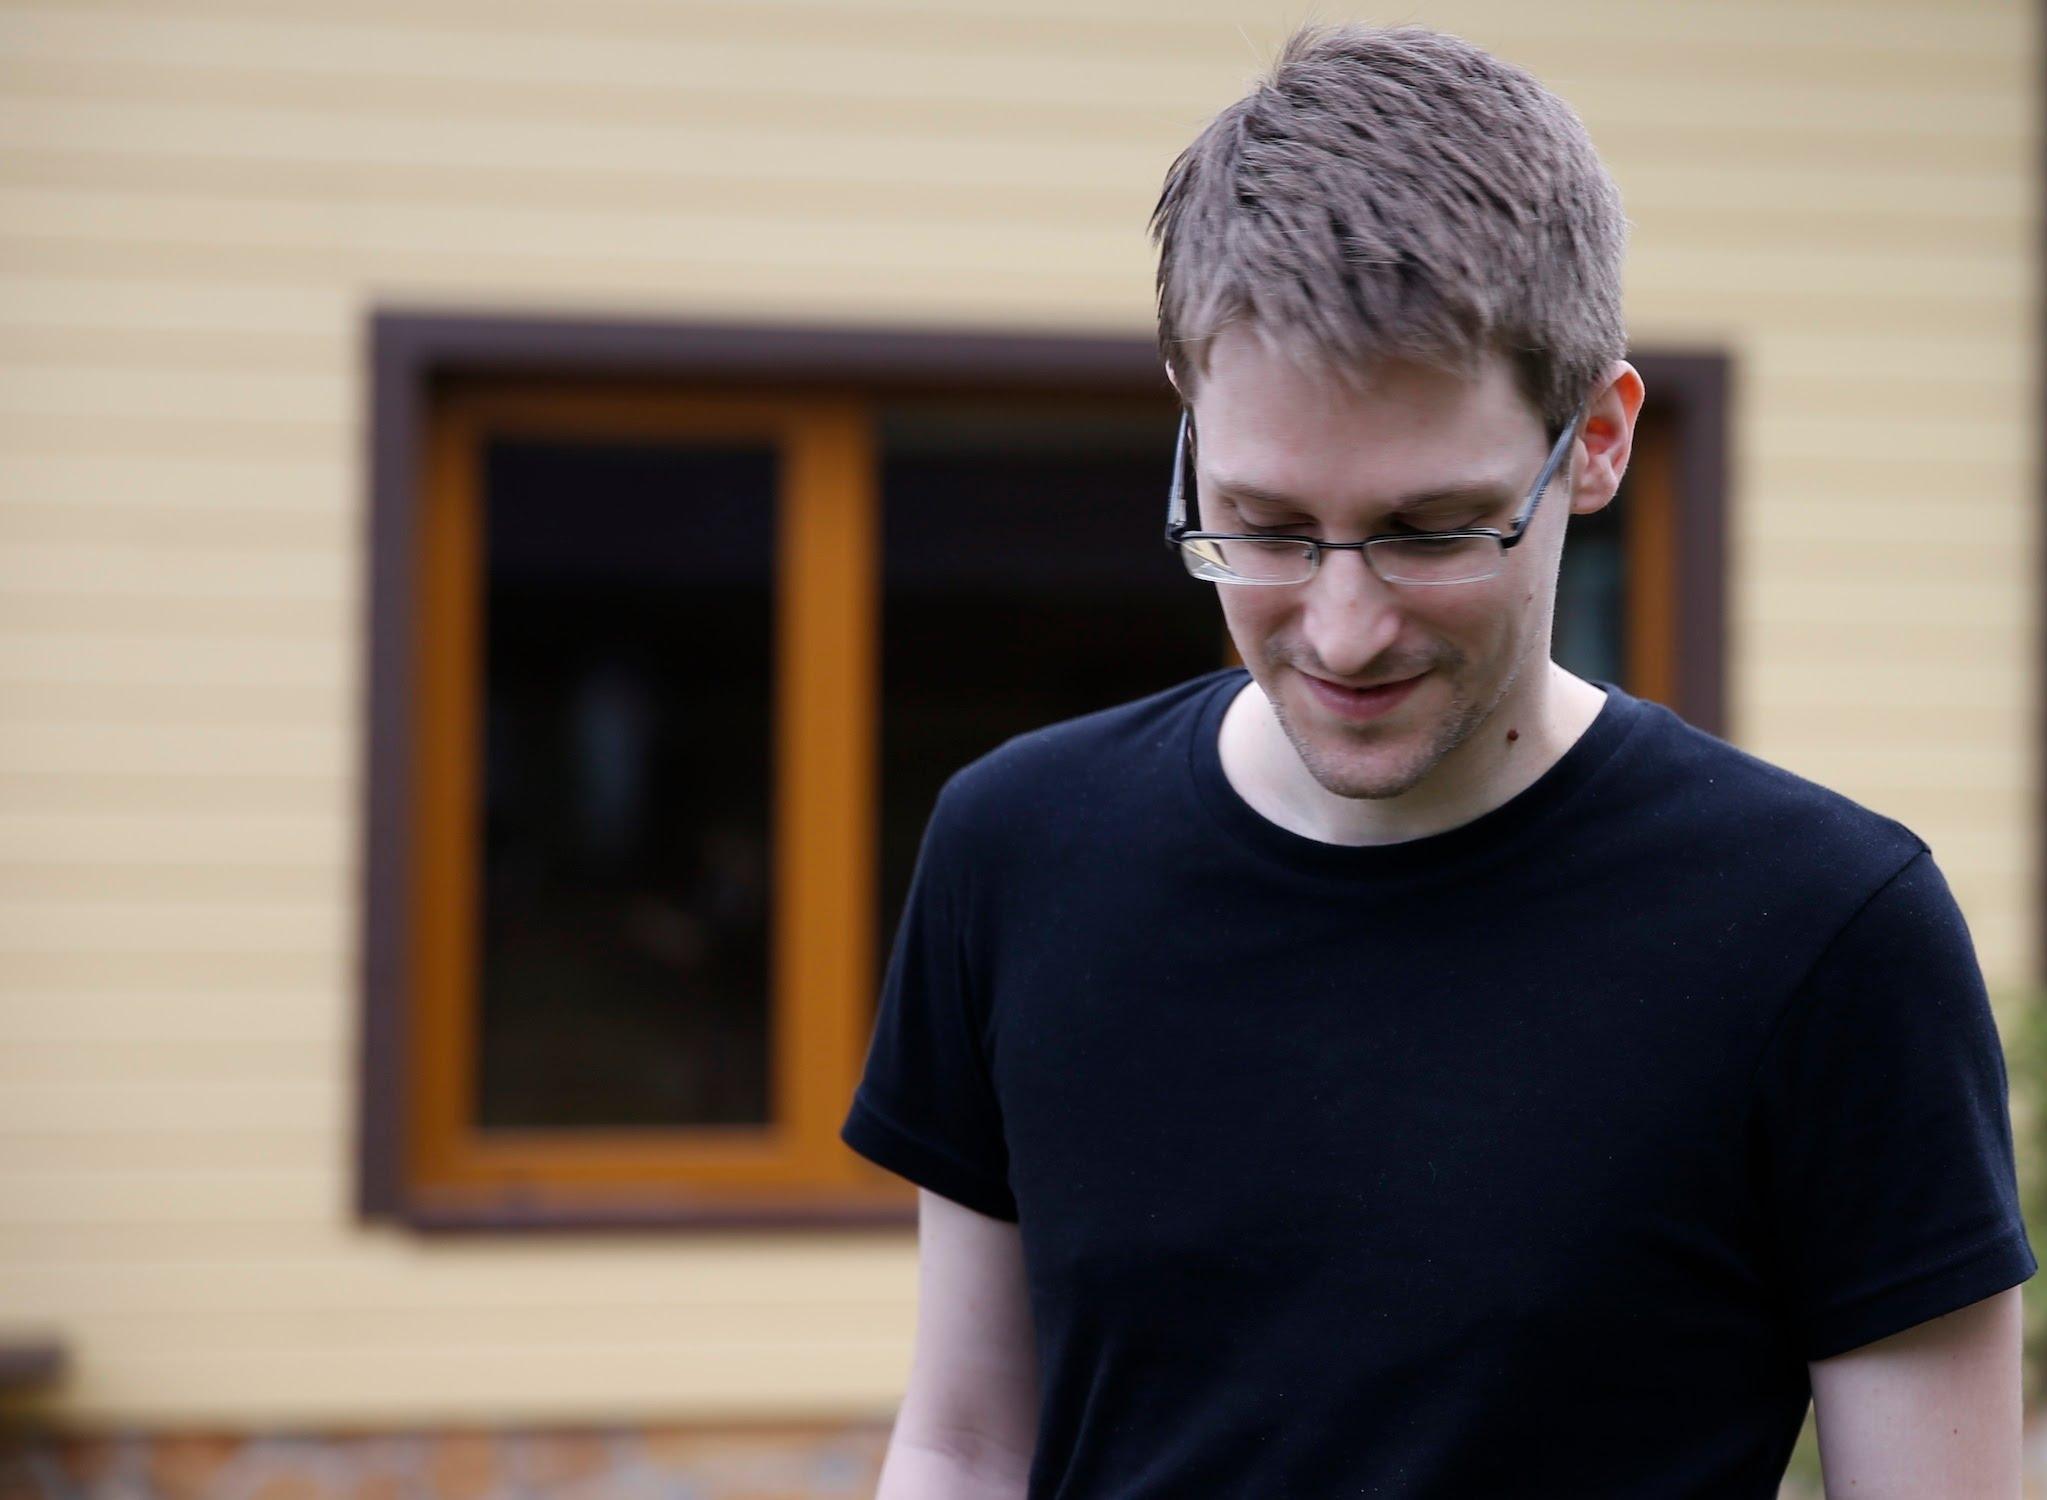 Eine sehenswerte Reportage über Edward Snowden…